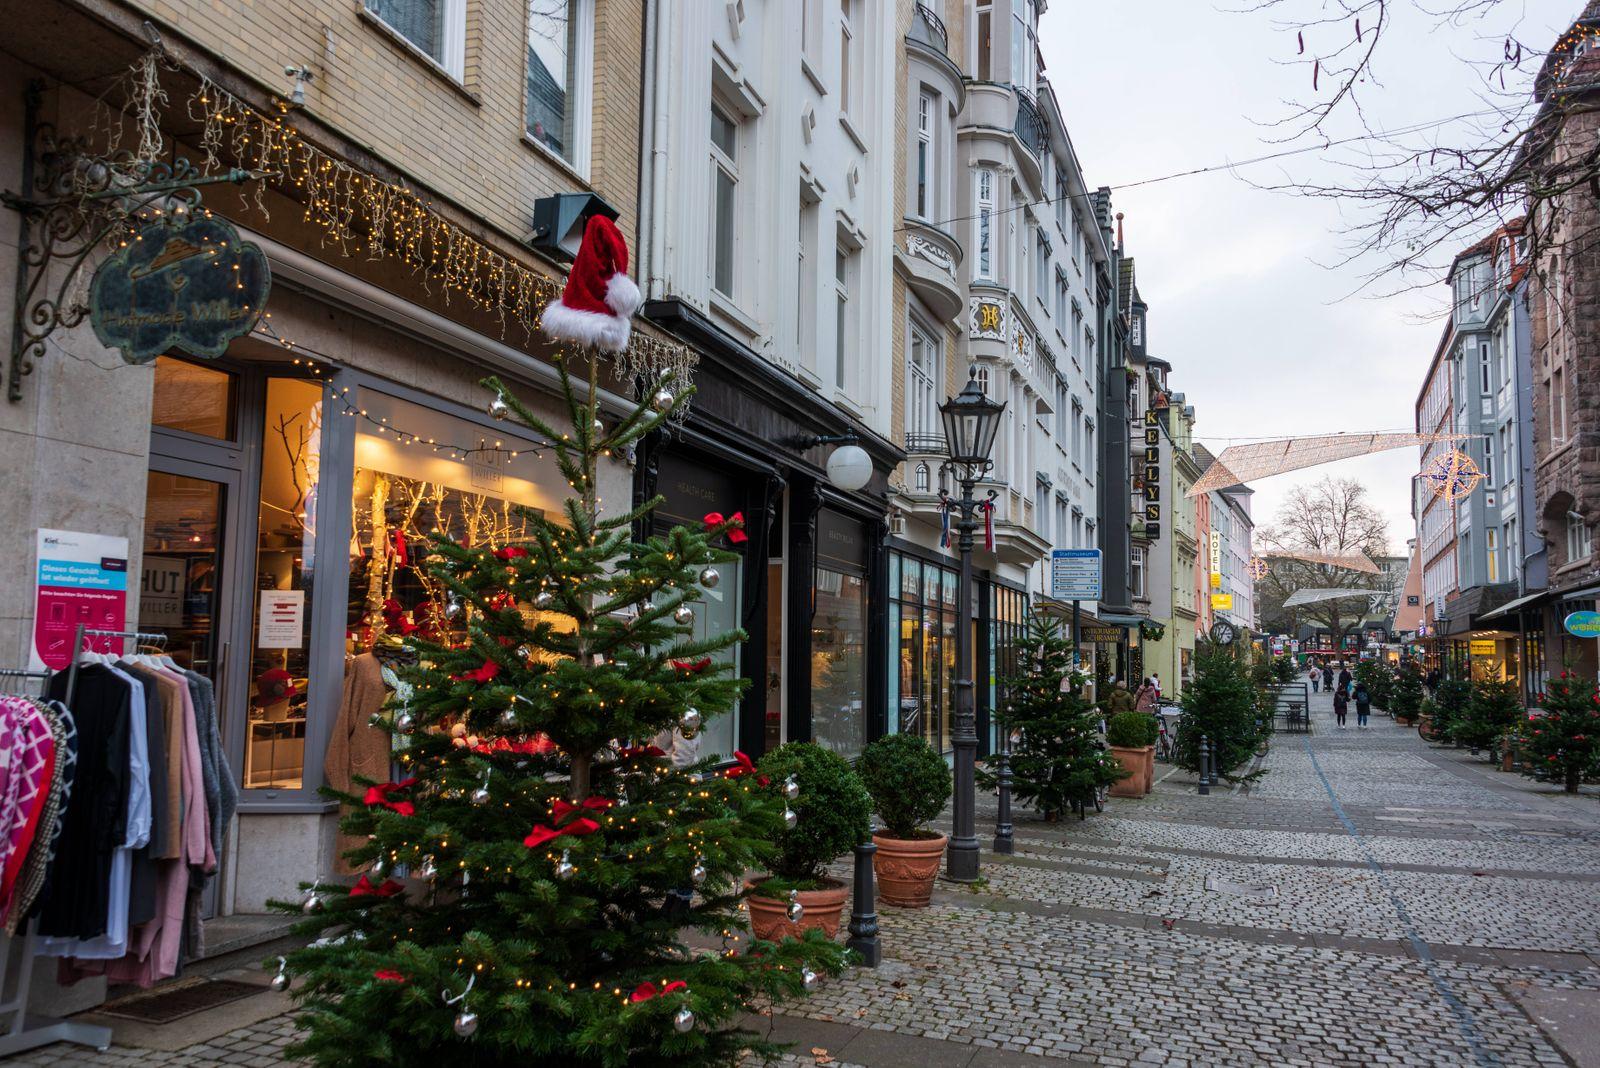 Kiel, 08. Dezember 2020 In der Innenstadt von Kiel gibt es einen Weihnachtsmarkt-light, der mit sehr wenigen Ständen, ei